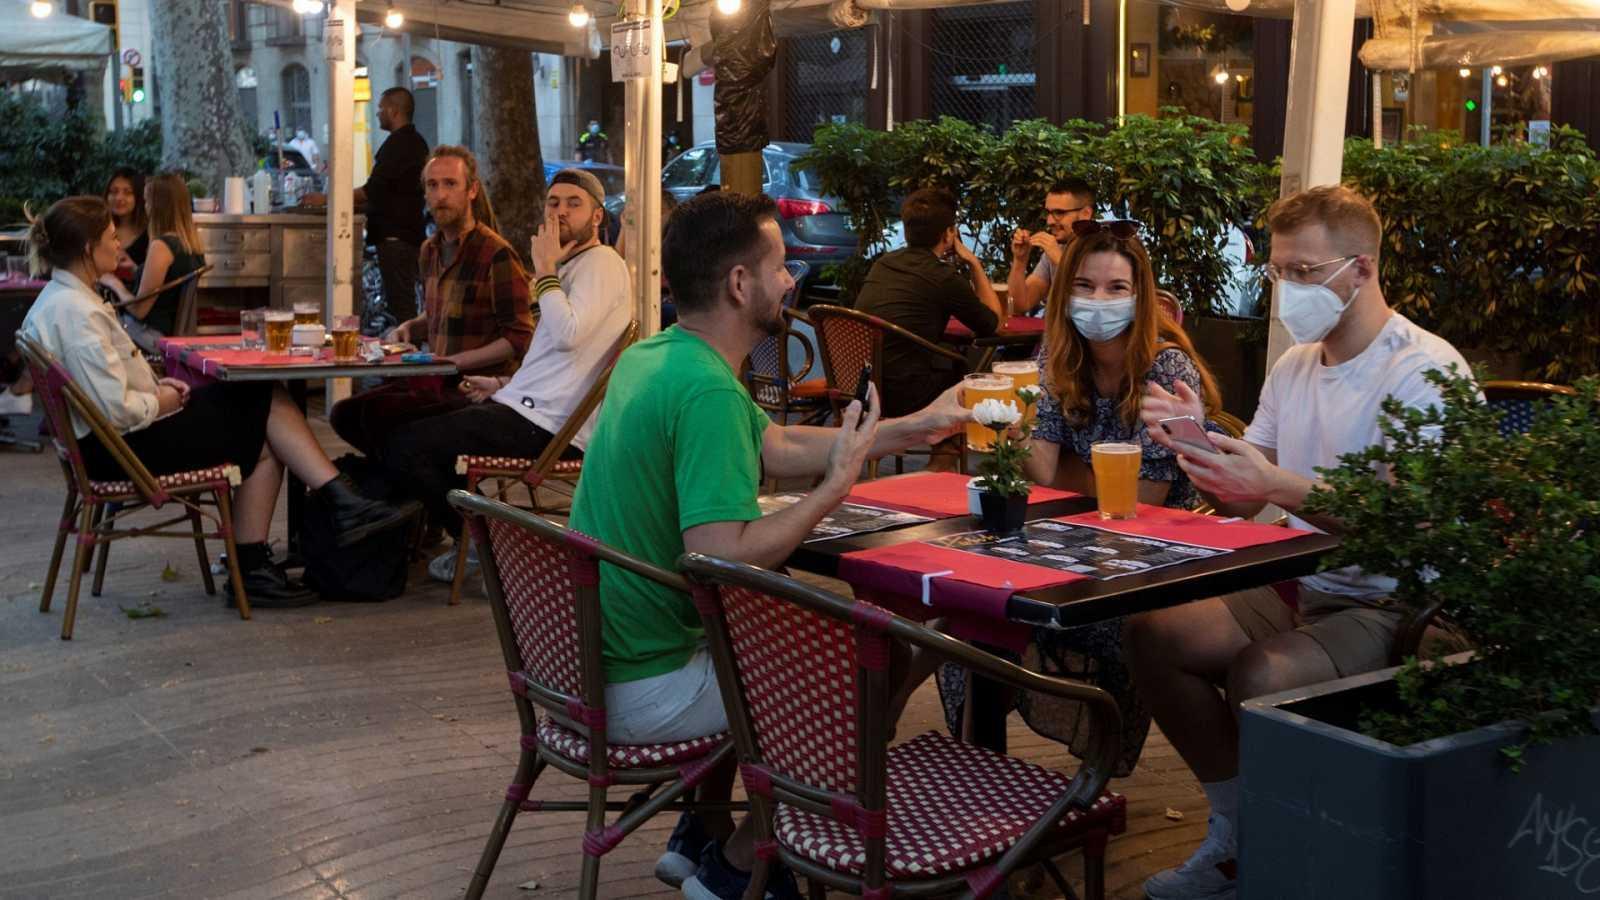 Se mantienen las limitaciones a los hosteleros de Madrid, aunque hayan decaído las restricciones a la movilidad